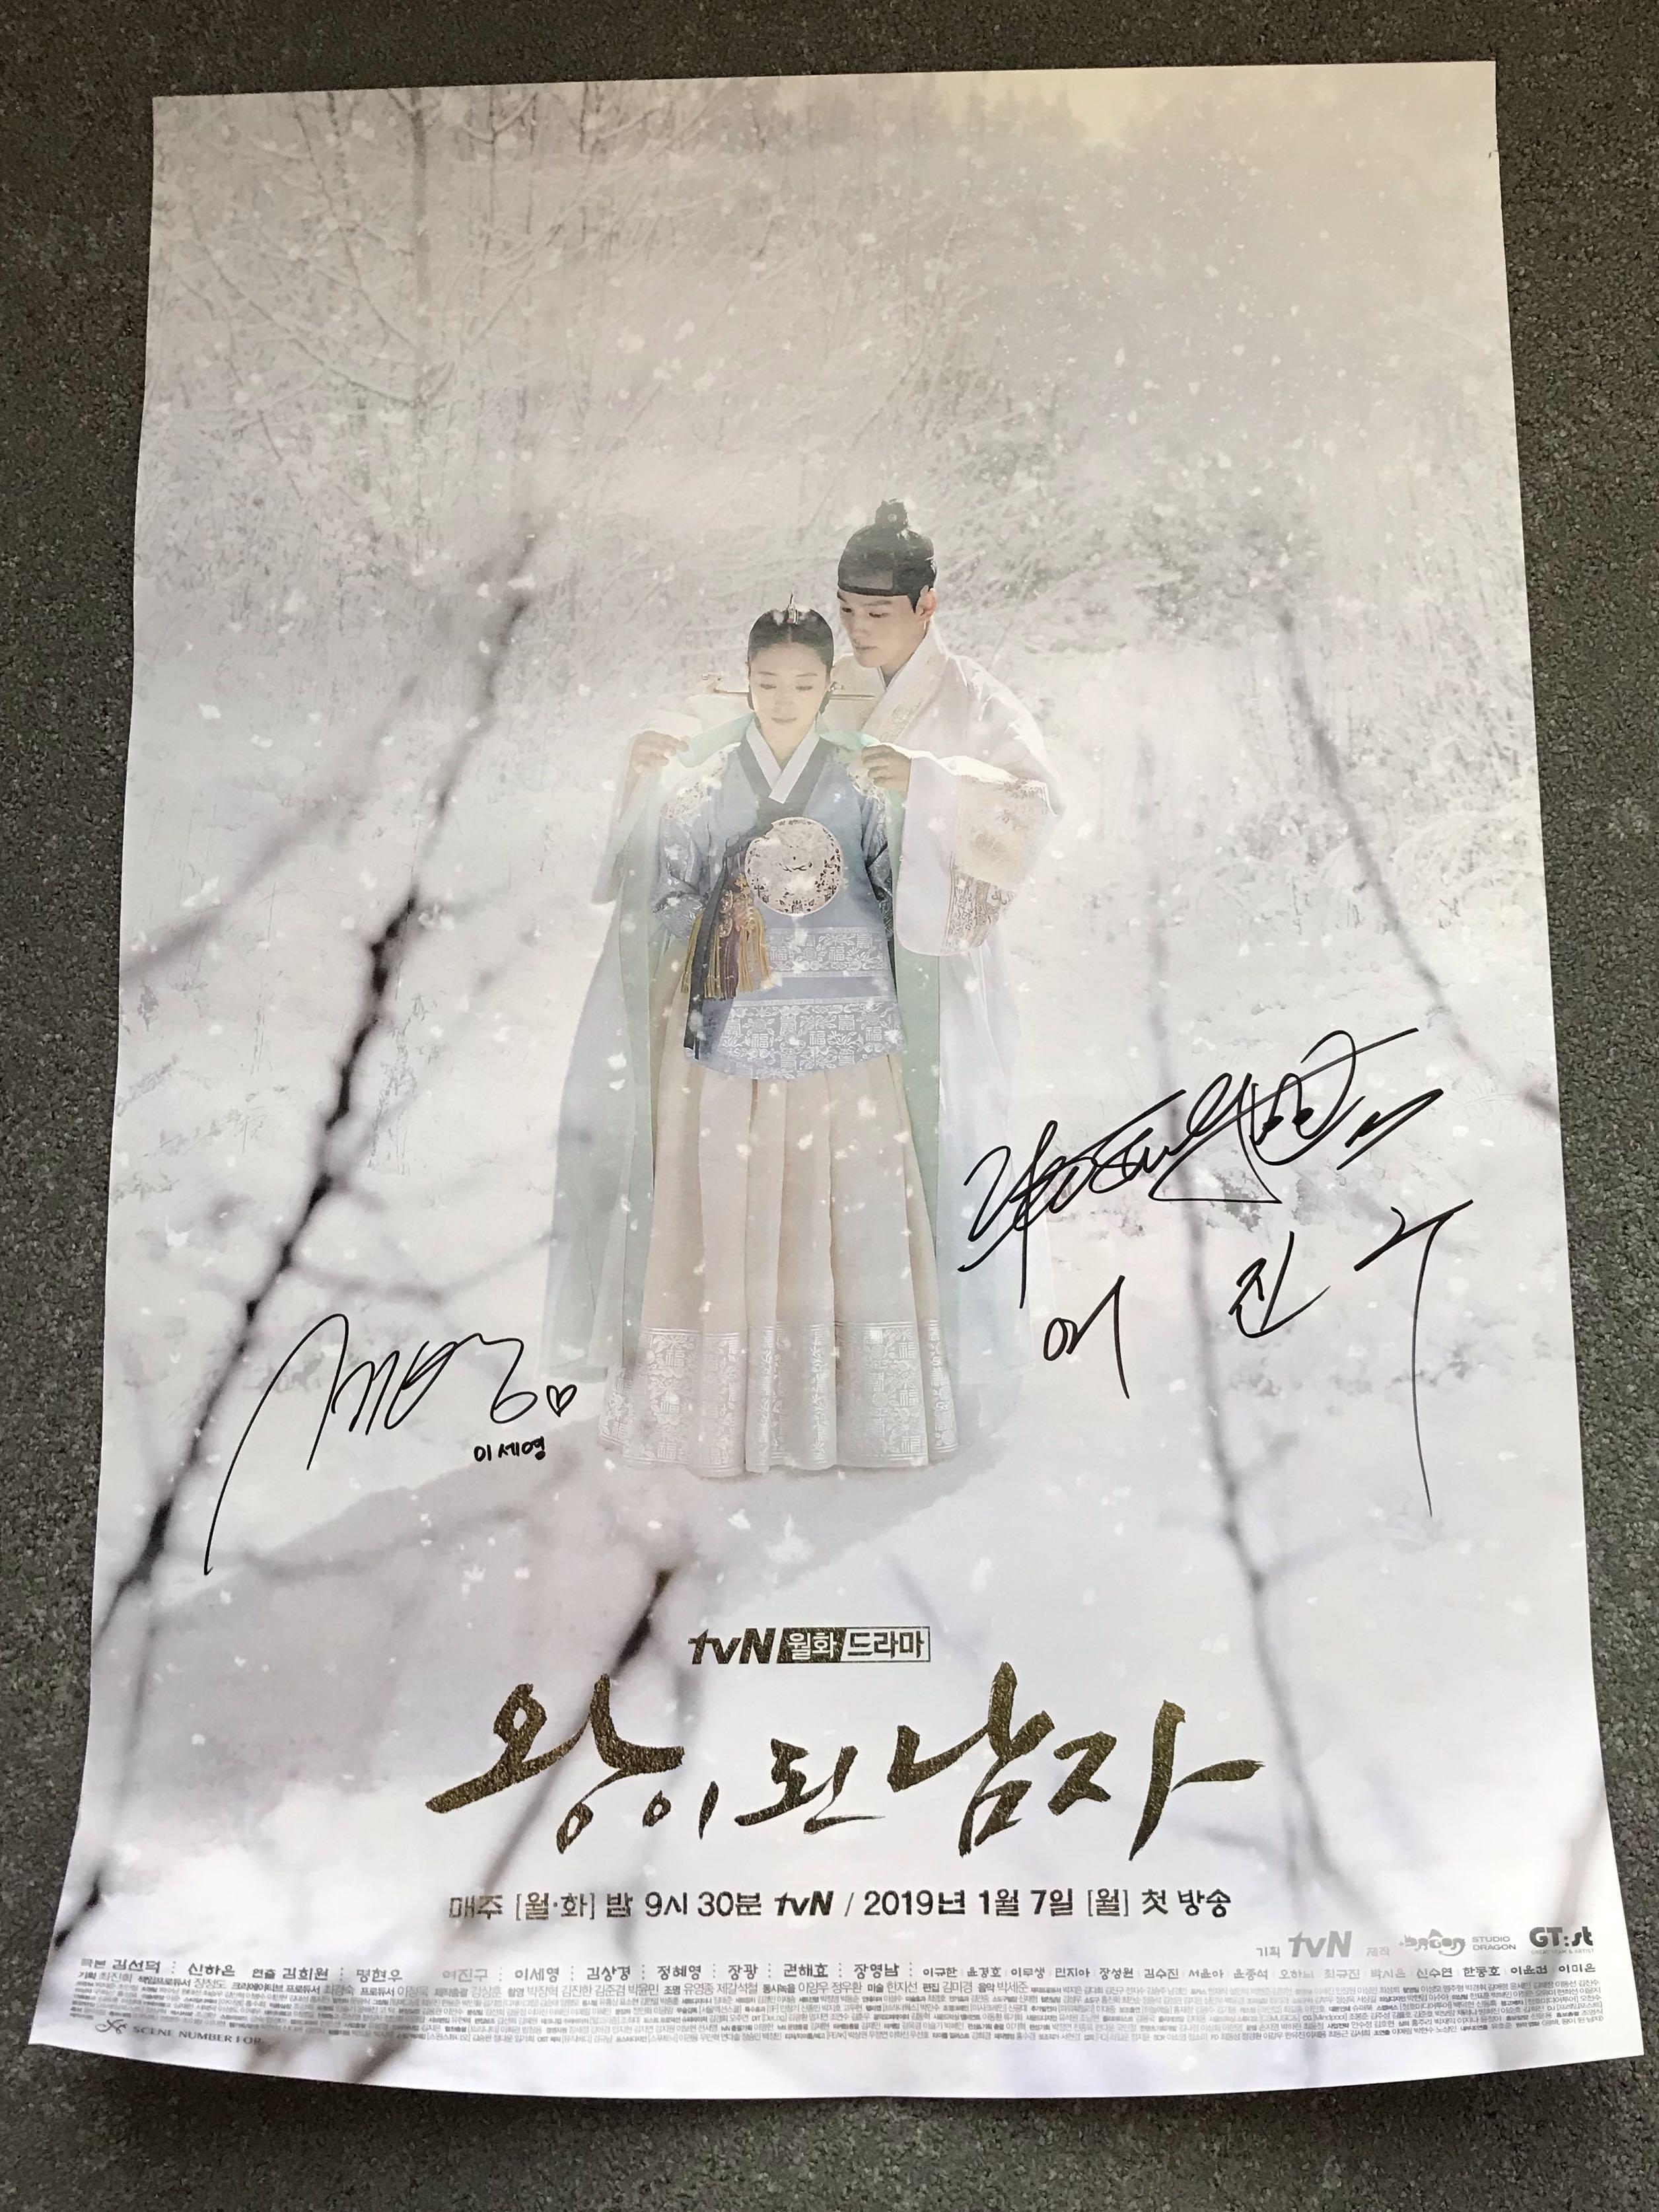 全新親簽♥️呂珍九 李世榮 成為王的男人 親筆簽名海報